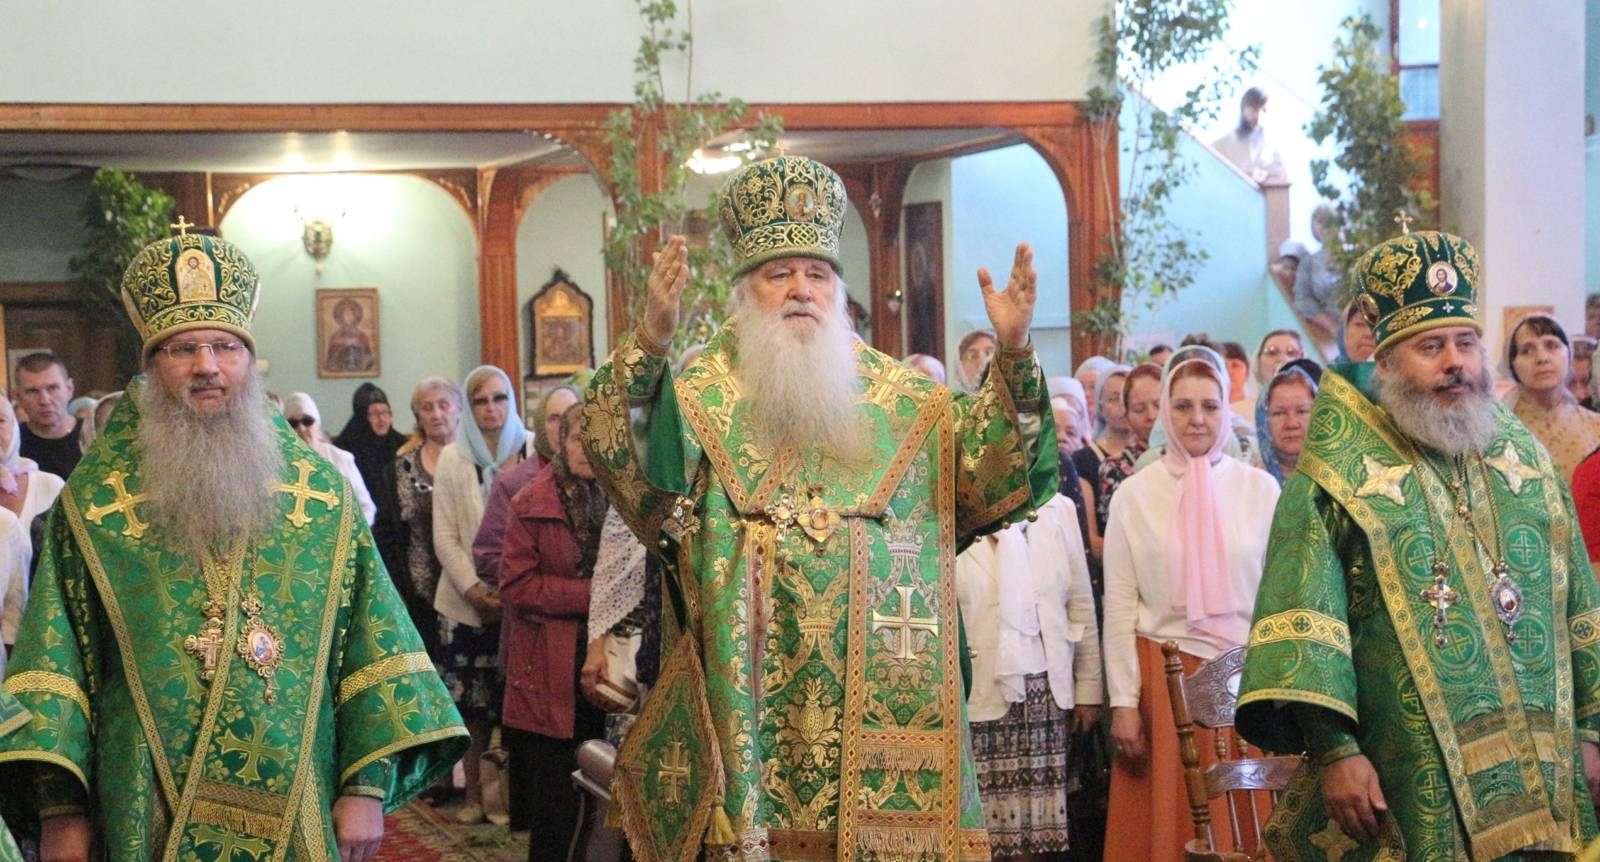 Праздничное богослужение в День Святого Духа в Свято-Духовом мужском монастыре г. Волгограда.